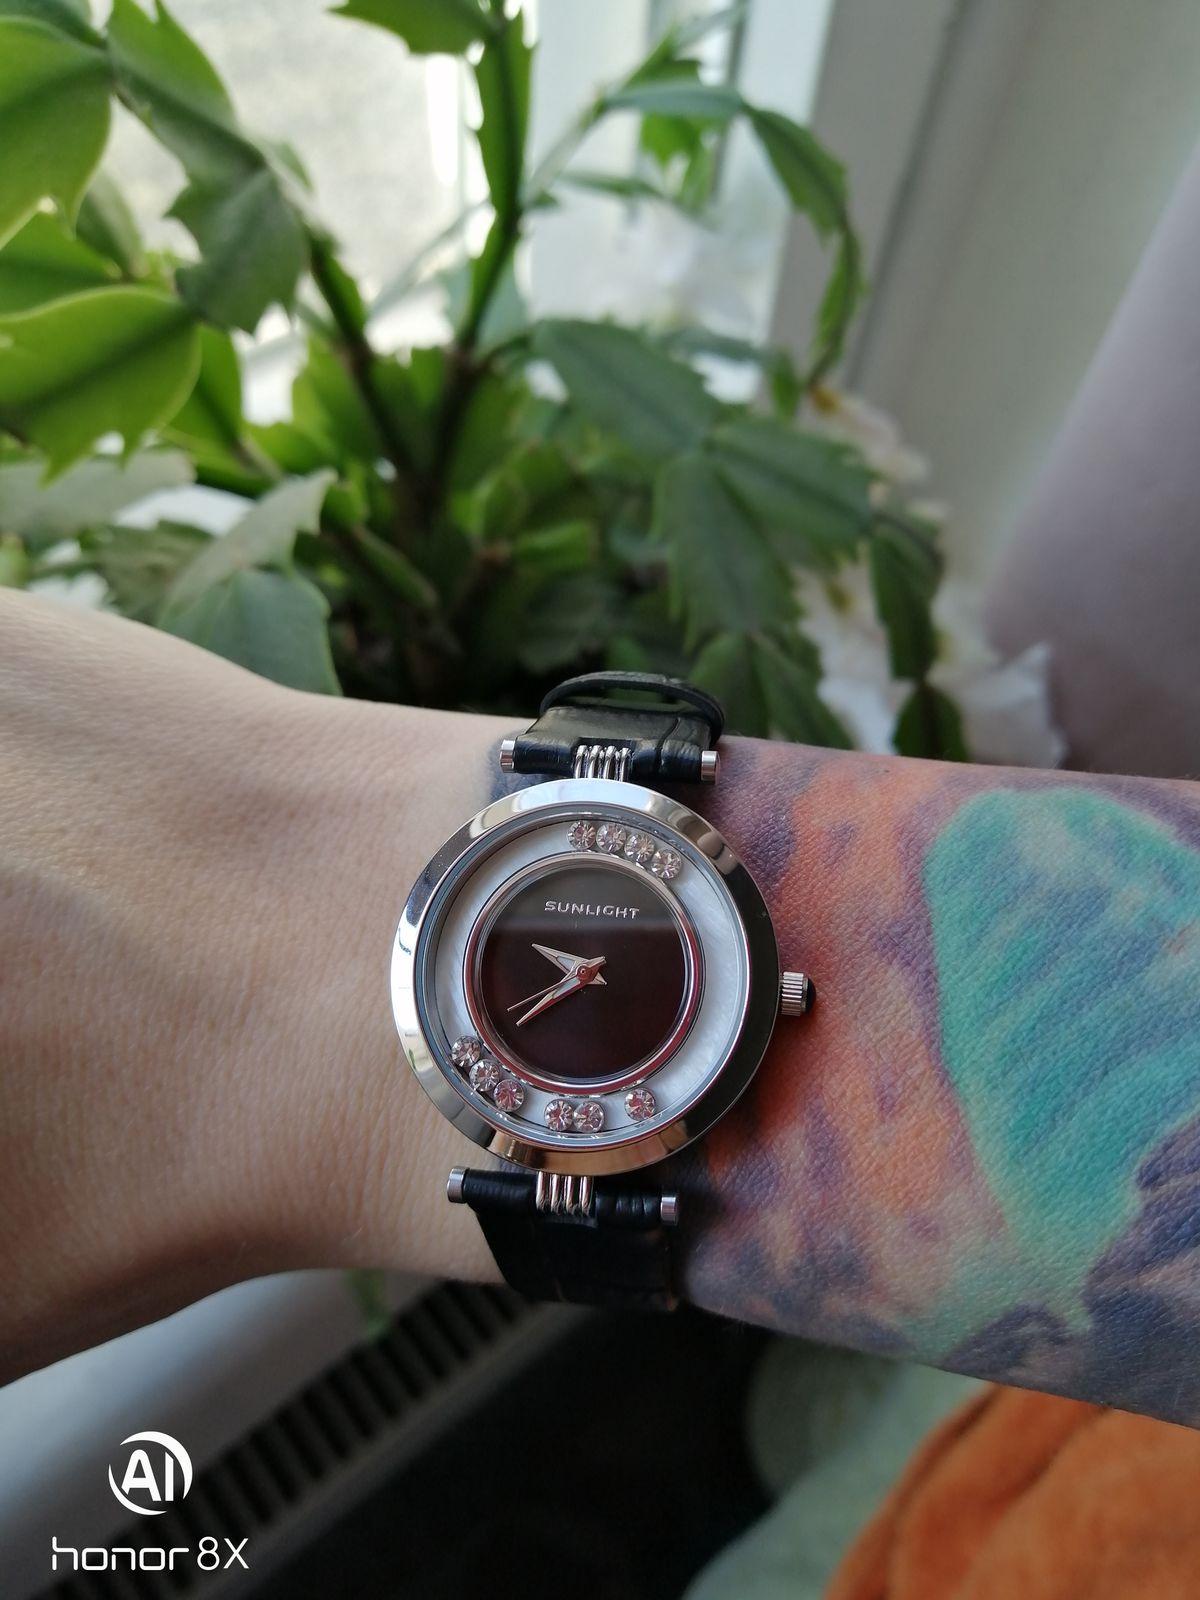 Лаконичный простые повседневные часы, как лёгкий строгий аксессуар.